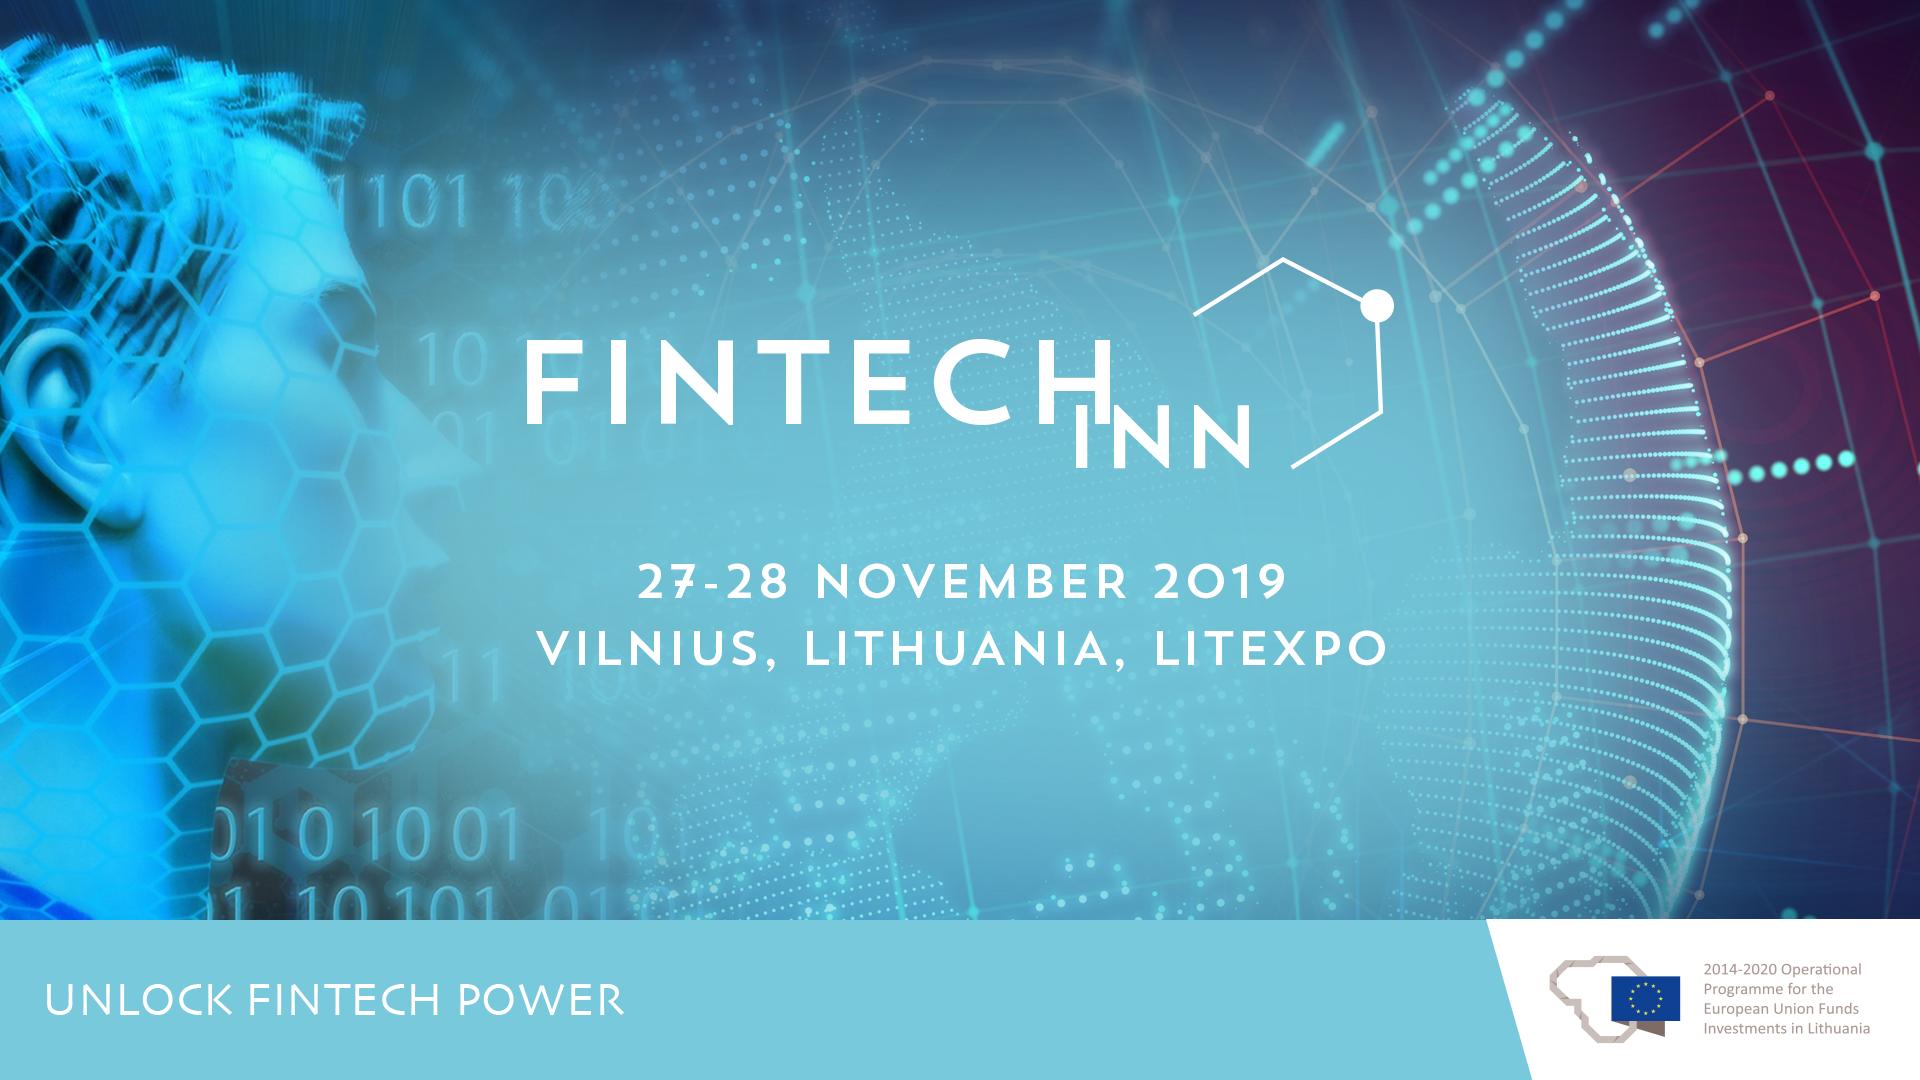 FintechINN on 27-28 November 2019 in Lithuania